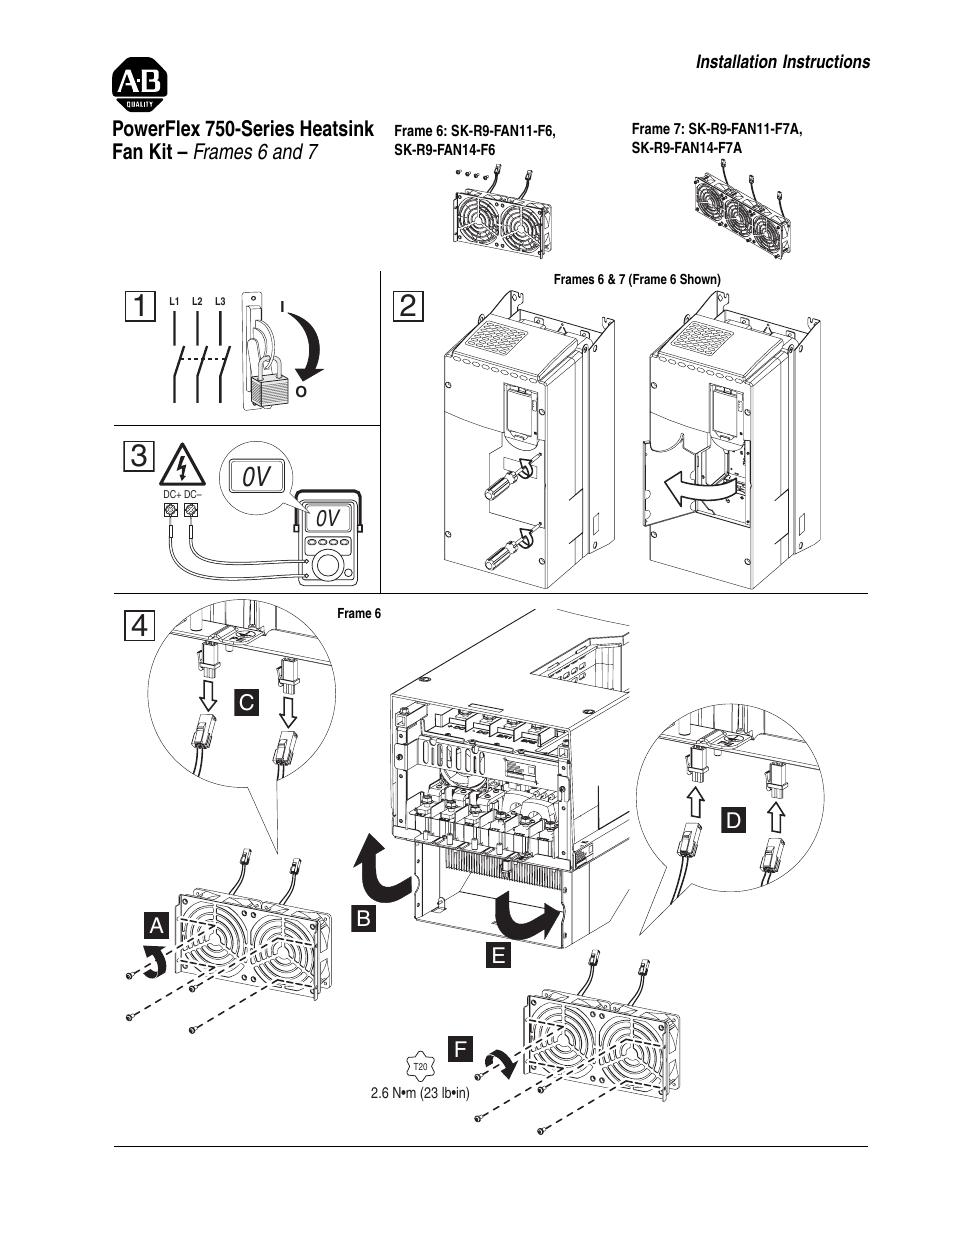 Rockwell Automation 755 PowerFlex 750-Series Heatsink Fan